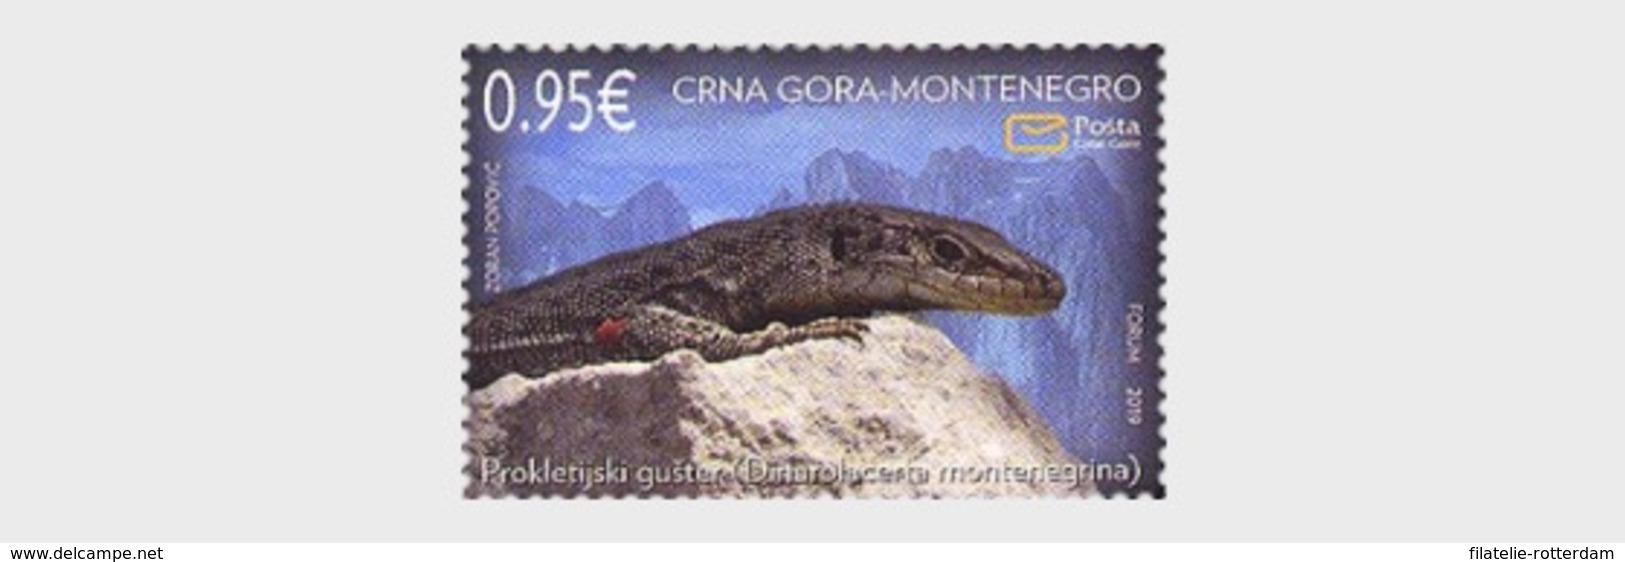 Montenegro - Postfris / MNH - Fauna 2019 - Montenegro